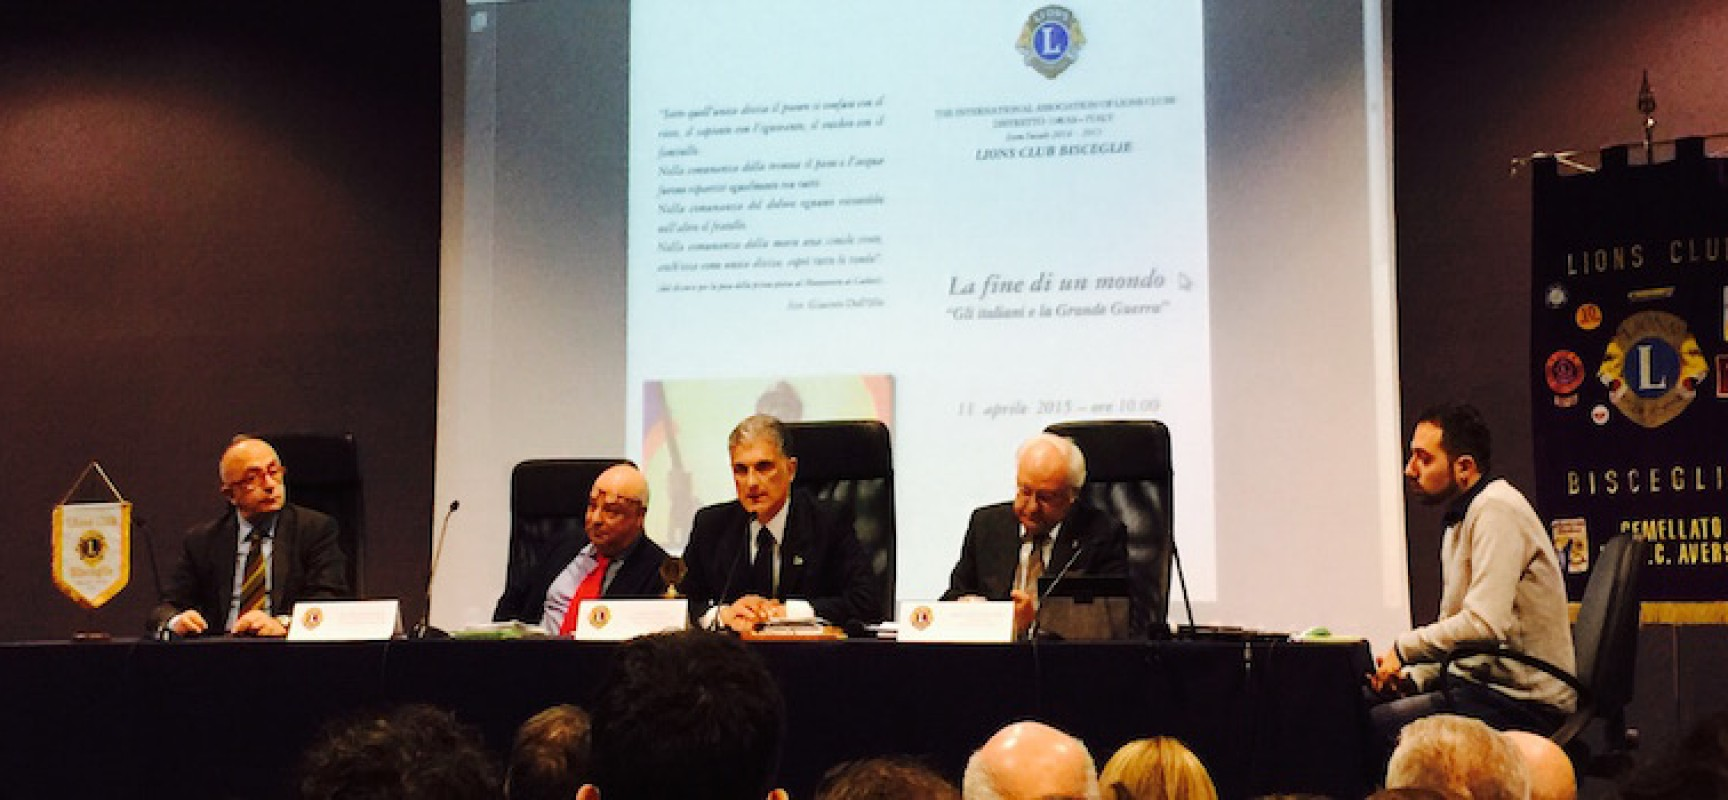 Il prof. Giuseppe Poli spiega agli studenti la Grande Guerra con una lectio magistralis presso il Liceo Da Vinci